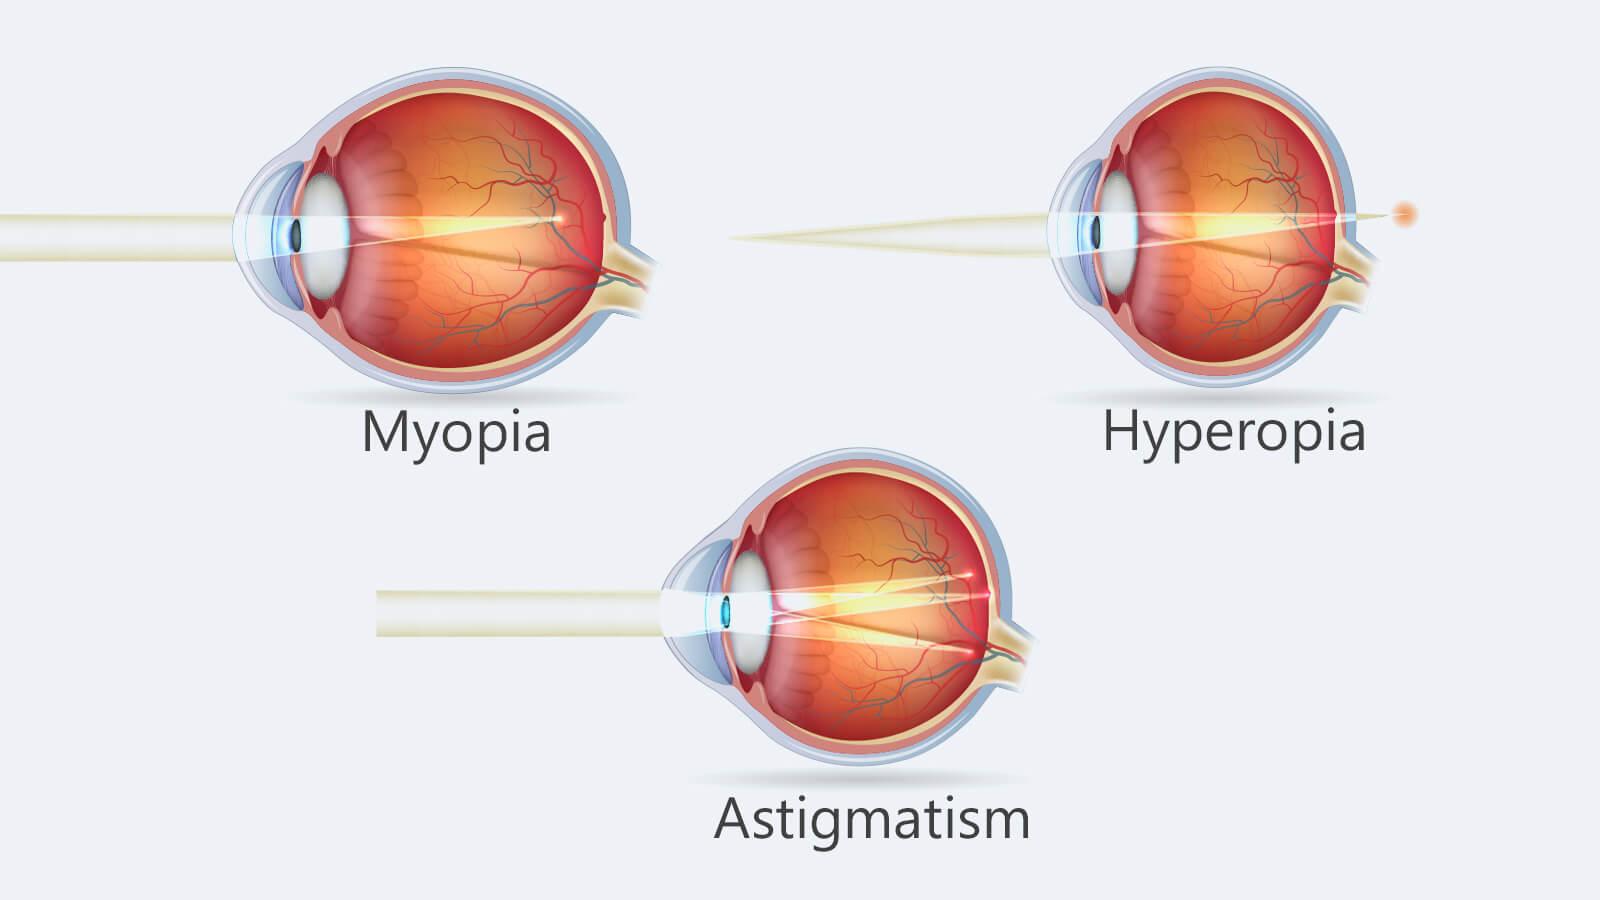 asztigmatikus hyperopia